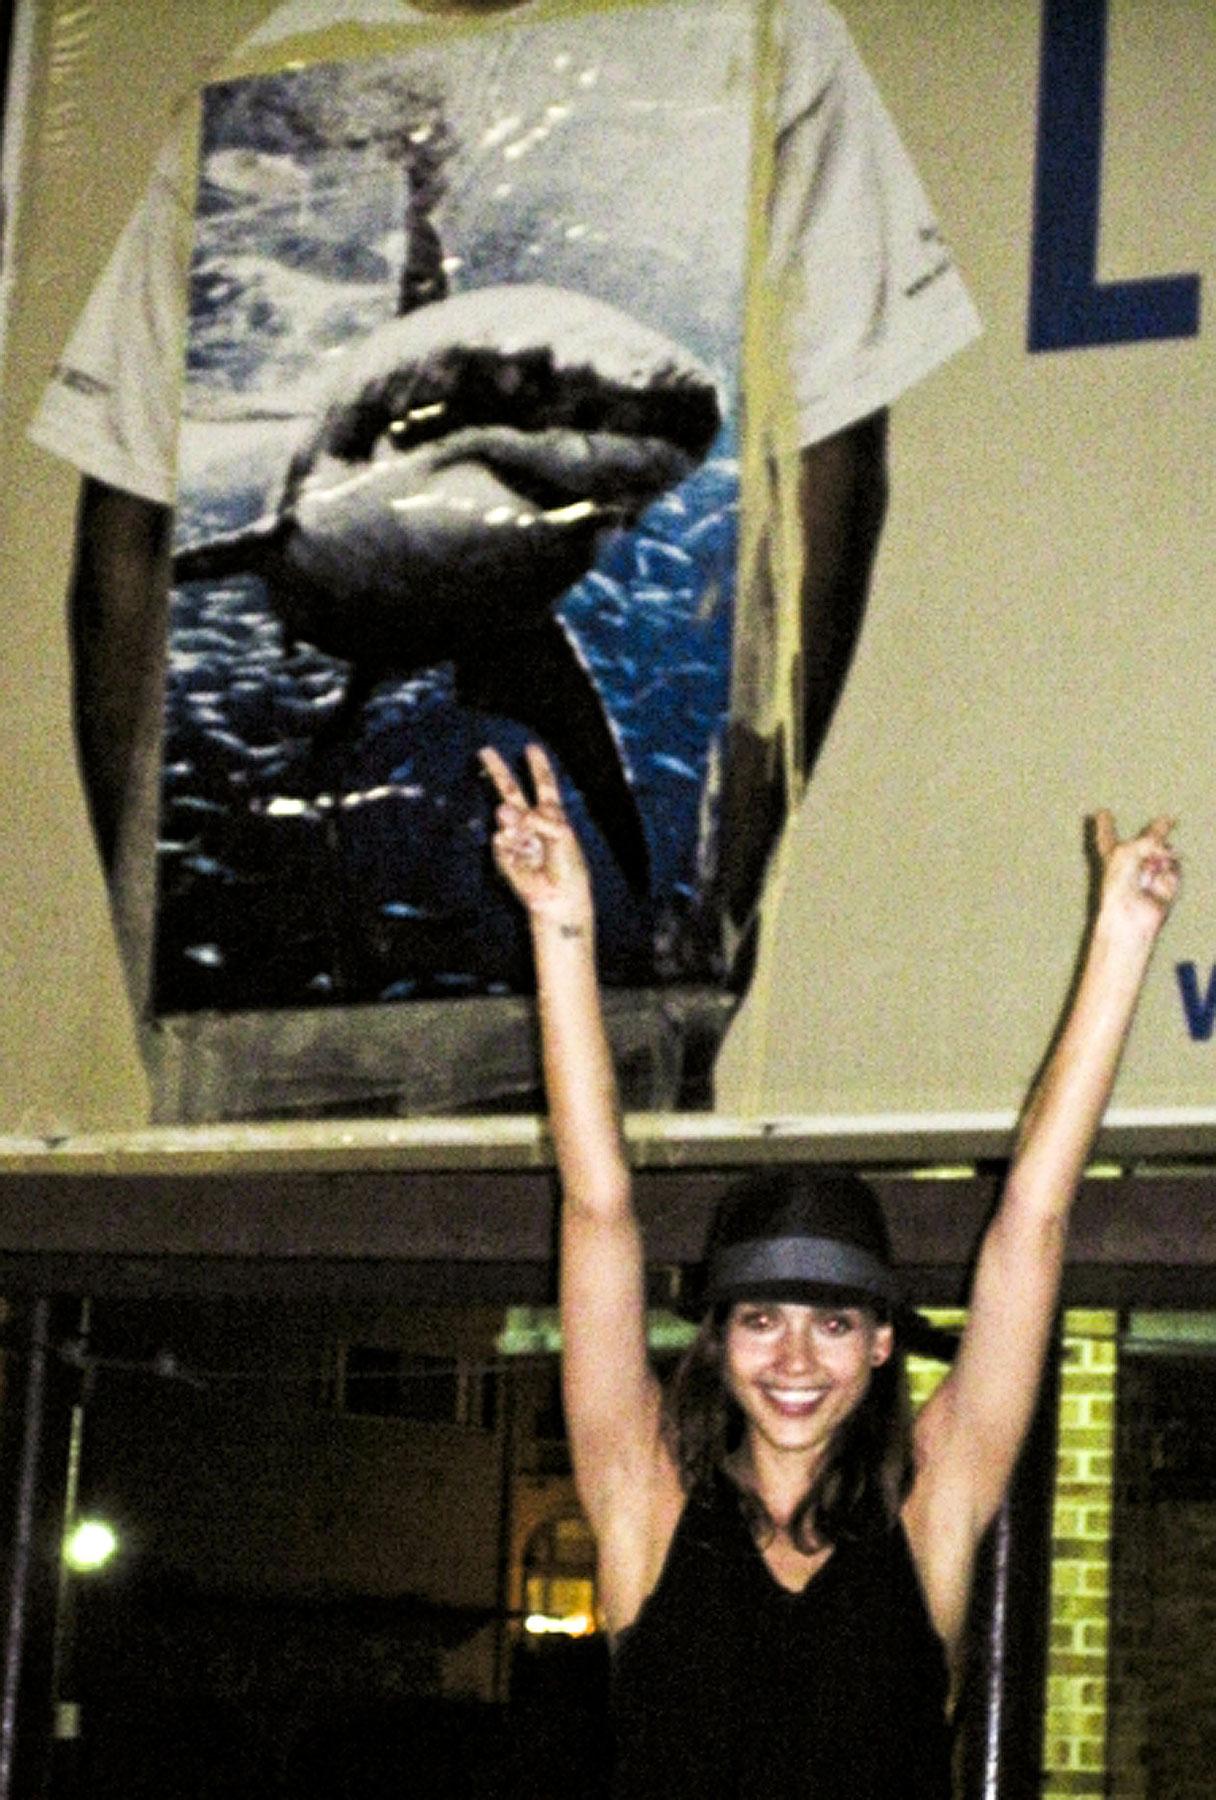 Jessica Alba's Shark-ing Vandalism Spree